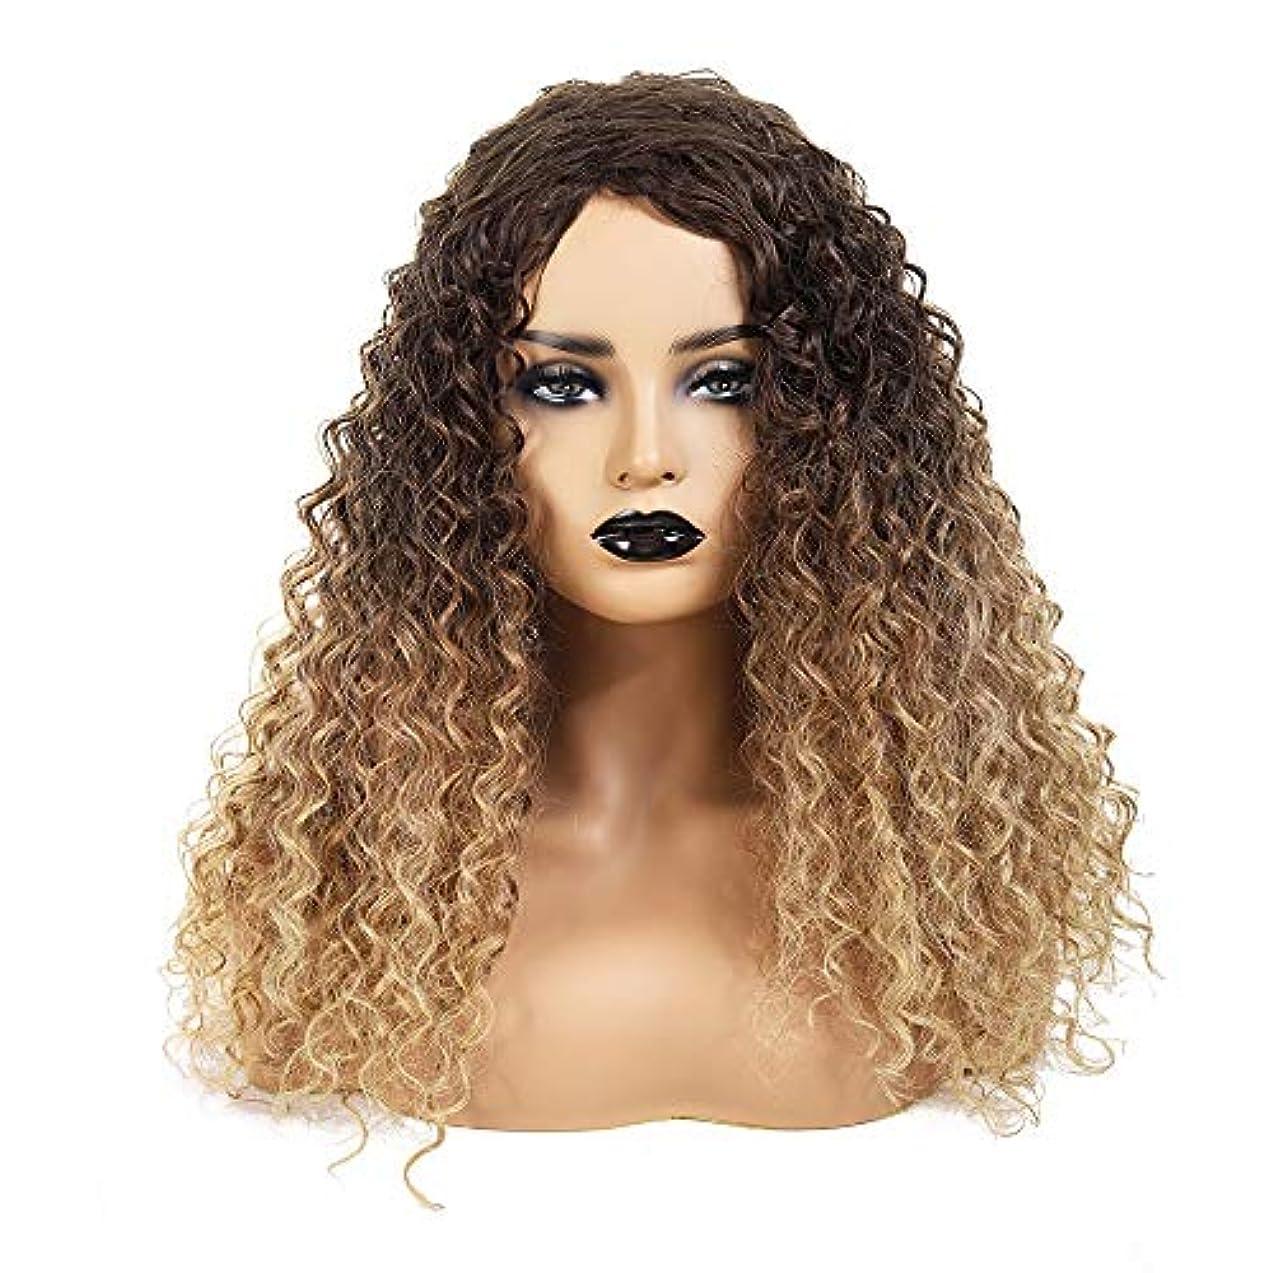 お母さんスティックアーサーWASAIO アフロ巻き毛ブラウンルーツグラジエントブロンド耐性熱合成ふわふわウィッグアクセサリースタイル交換用ファイバー18インチ (色 : Blonde)